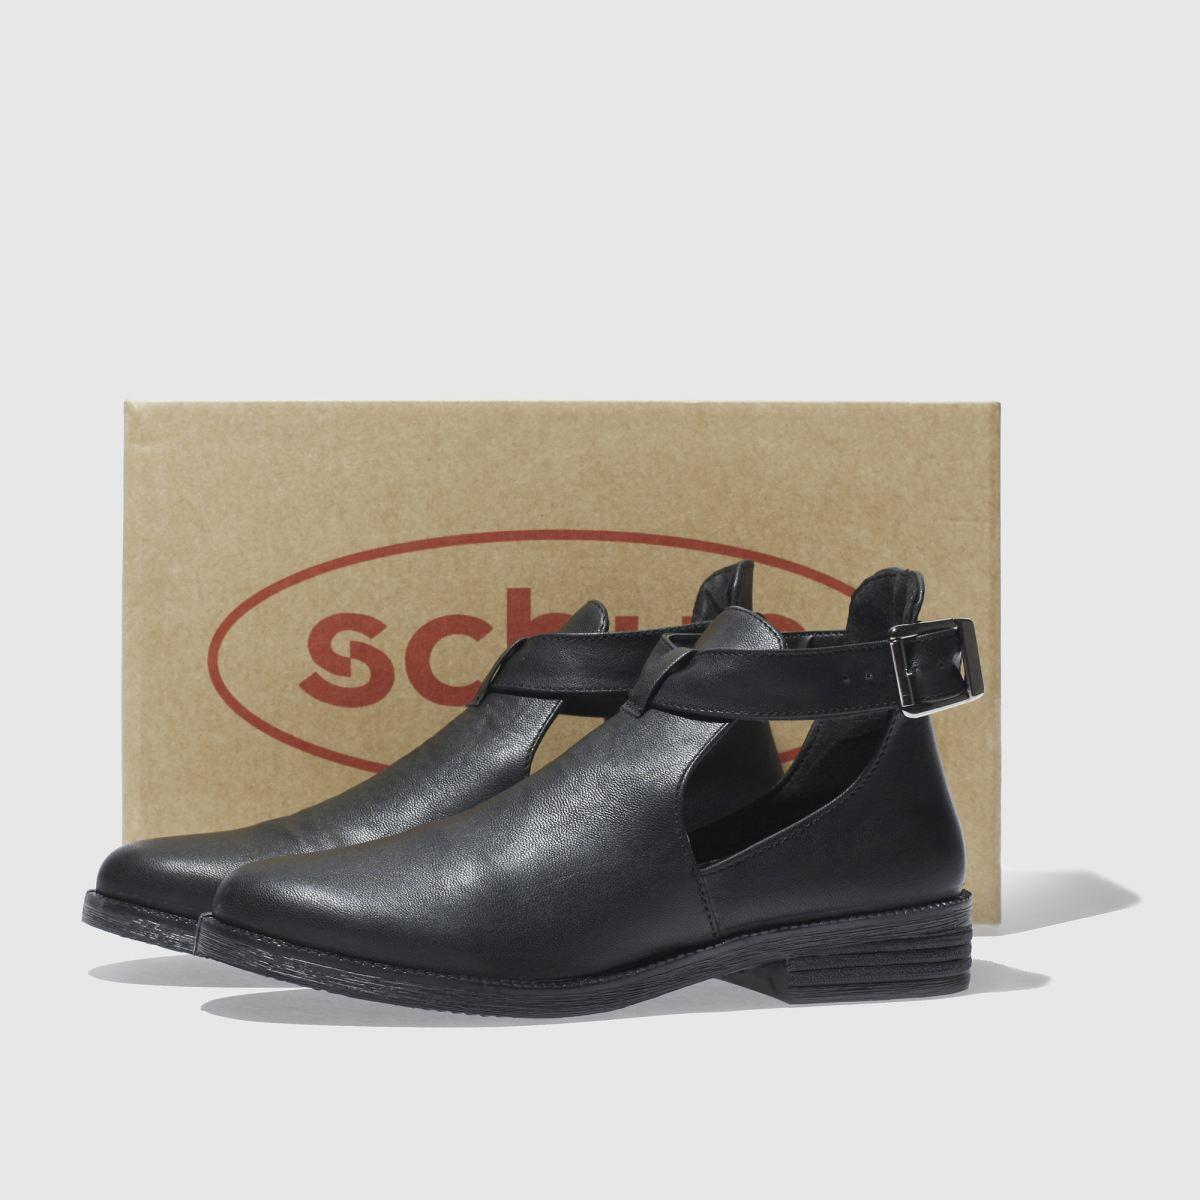 Damen Schwarz schuh Wind Down Qualität Boots | schuh Gute Qualität Down beliebte Schuhe 7f94b6